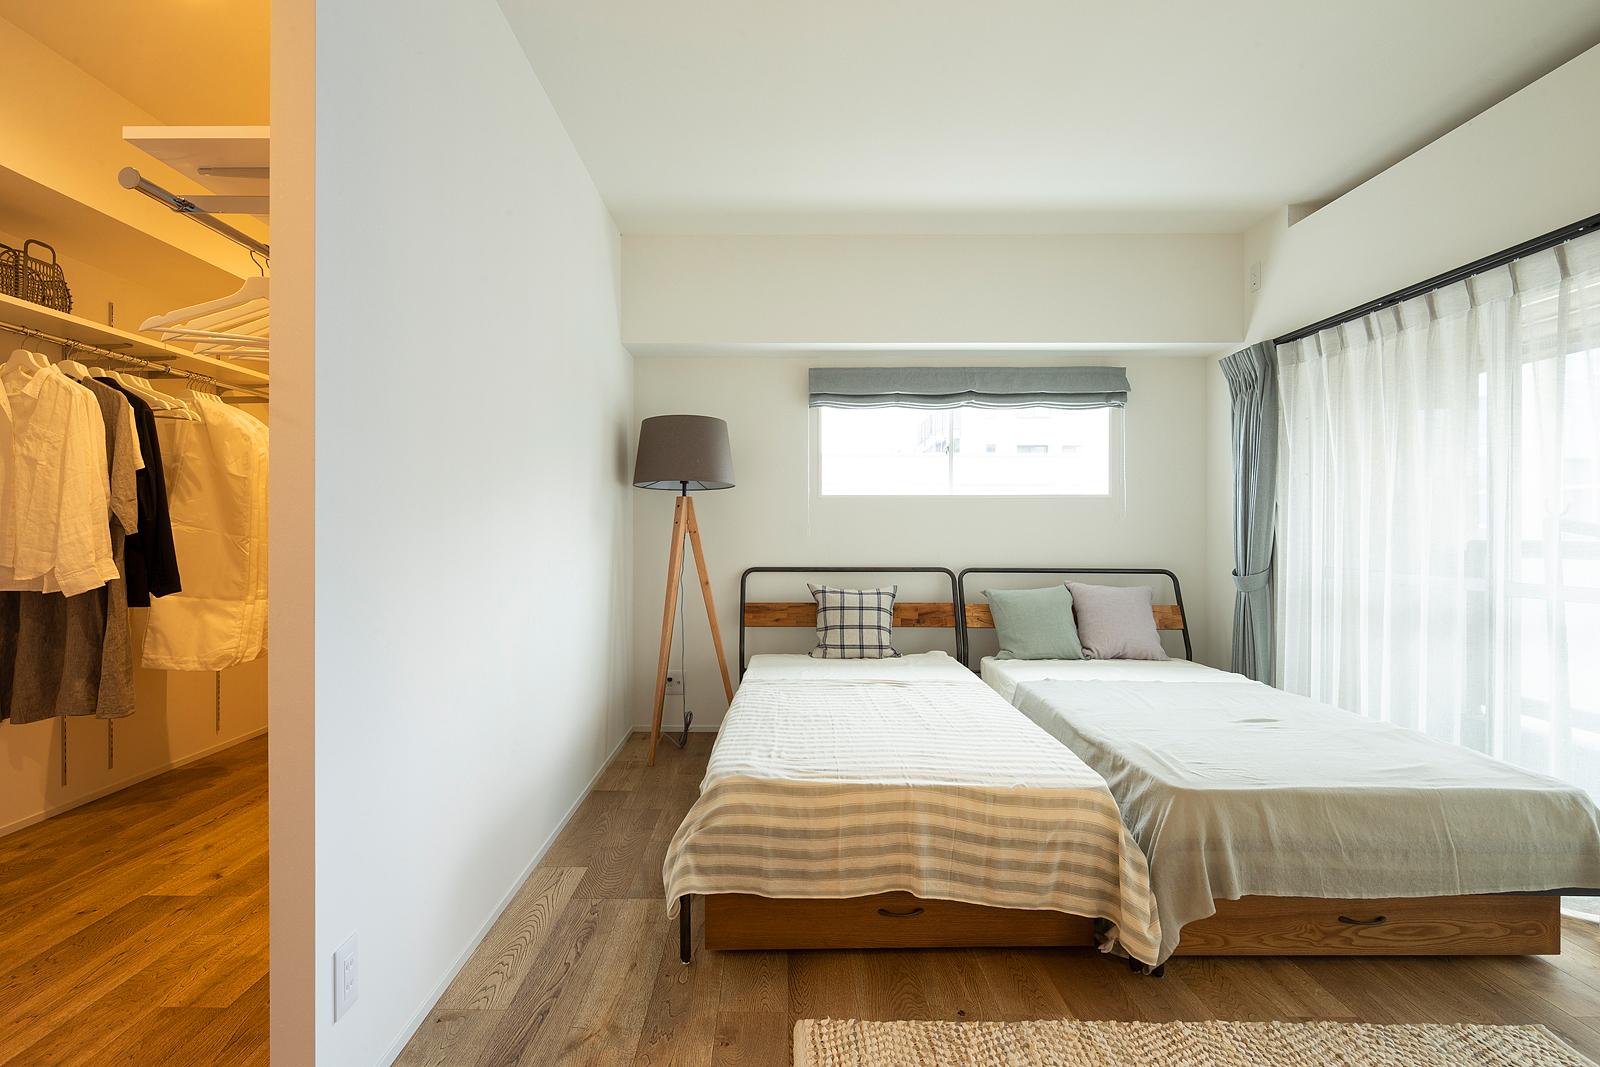 洗面室の壁にはタイルを張って、LDKとは違う雰囲気を演出。清潔感と落ち着きのある印象